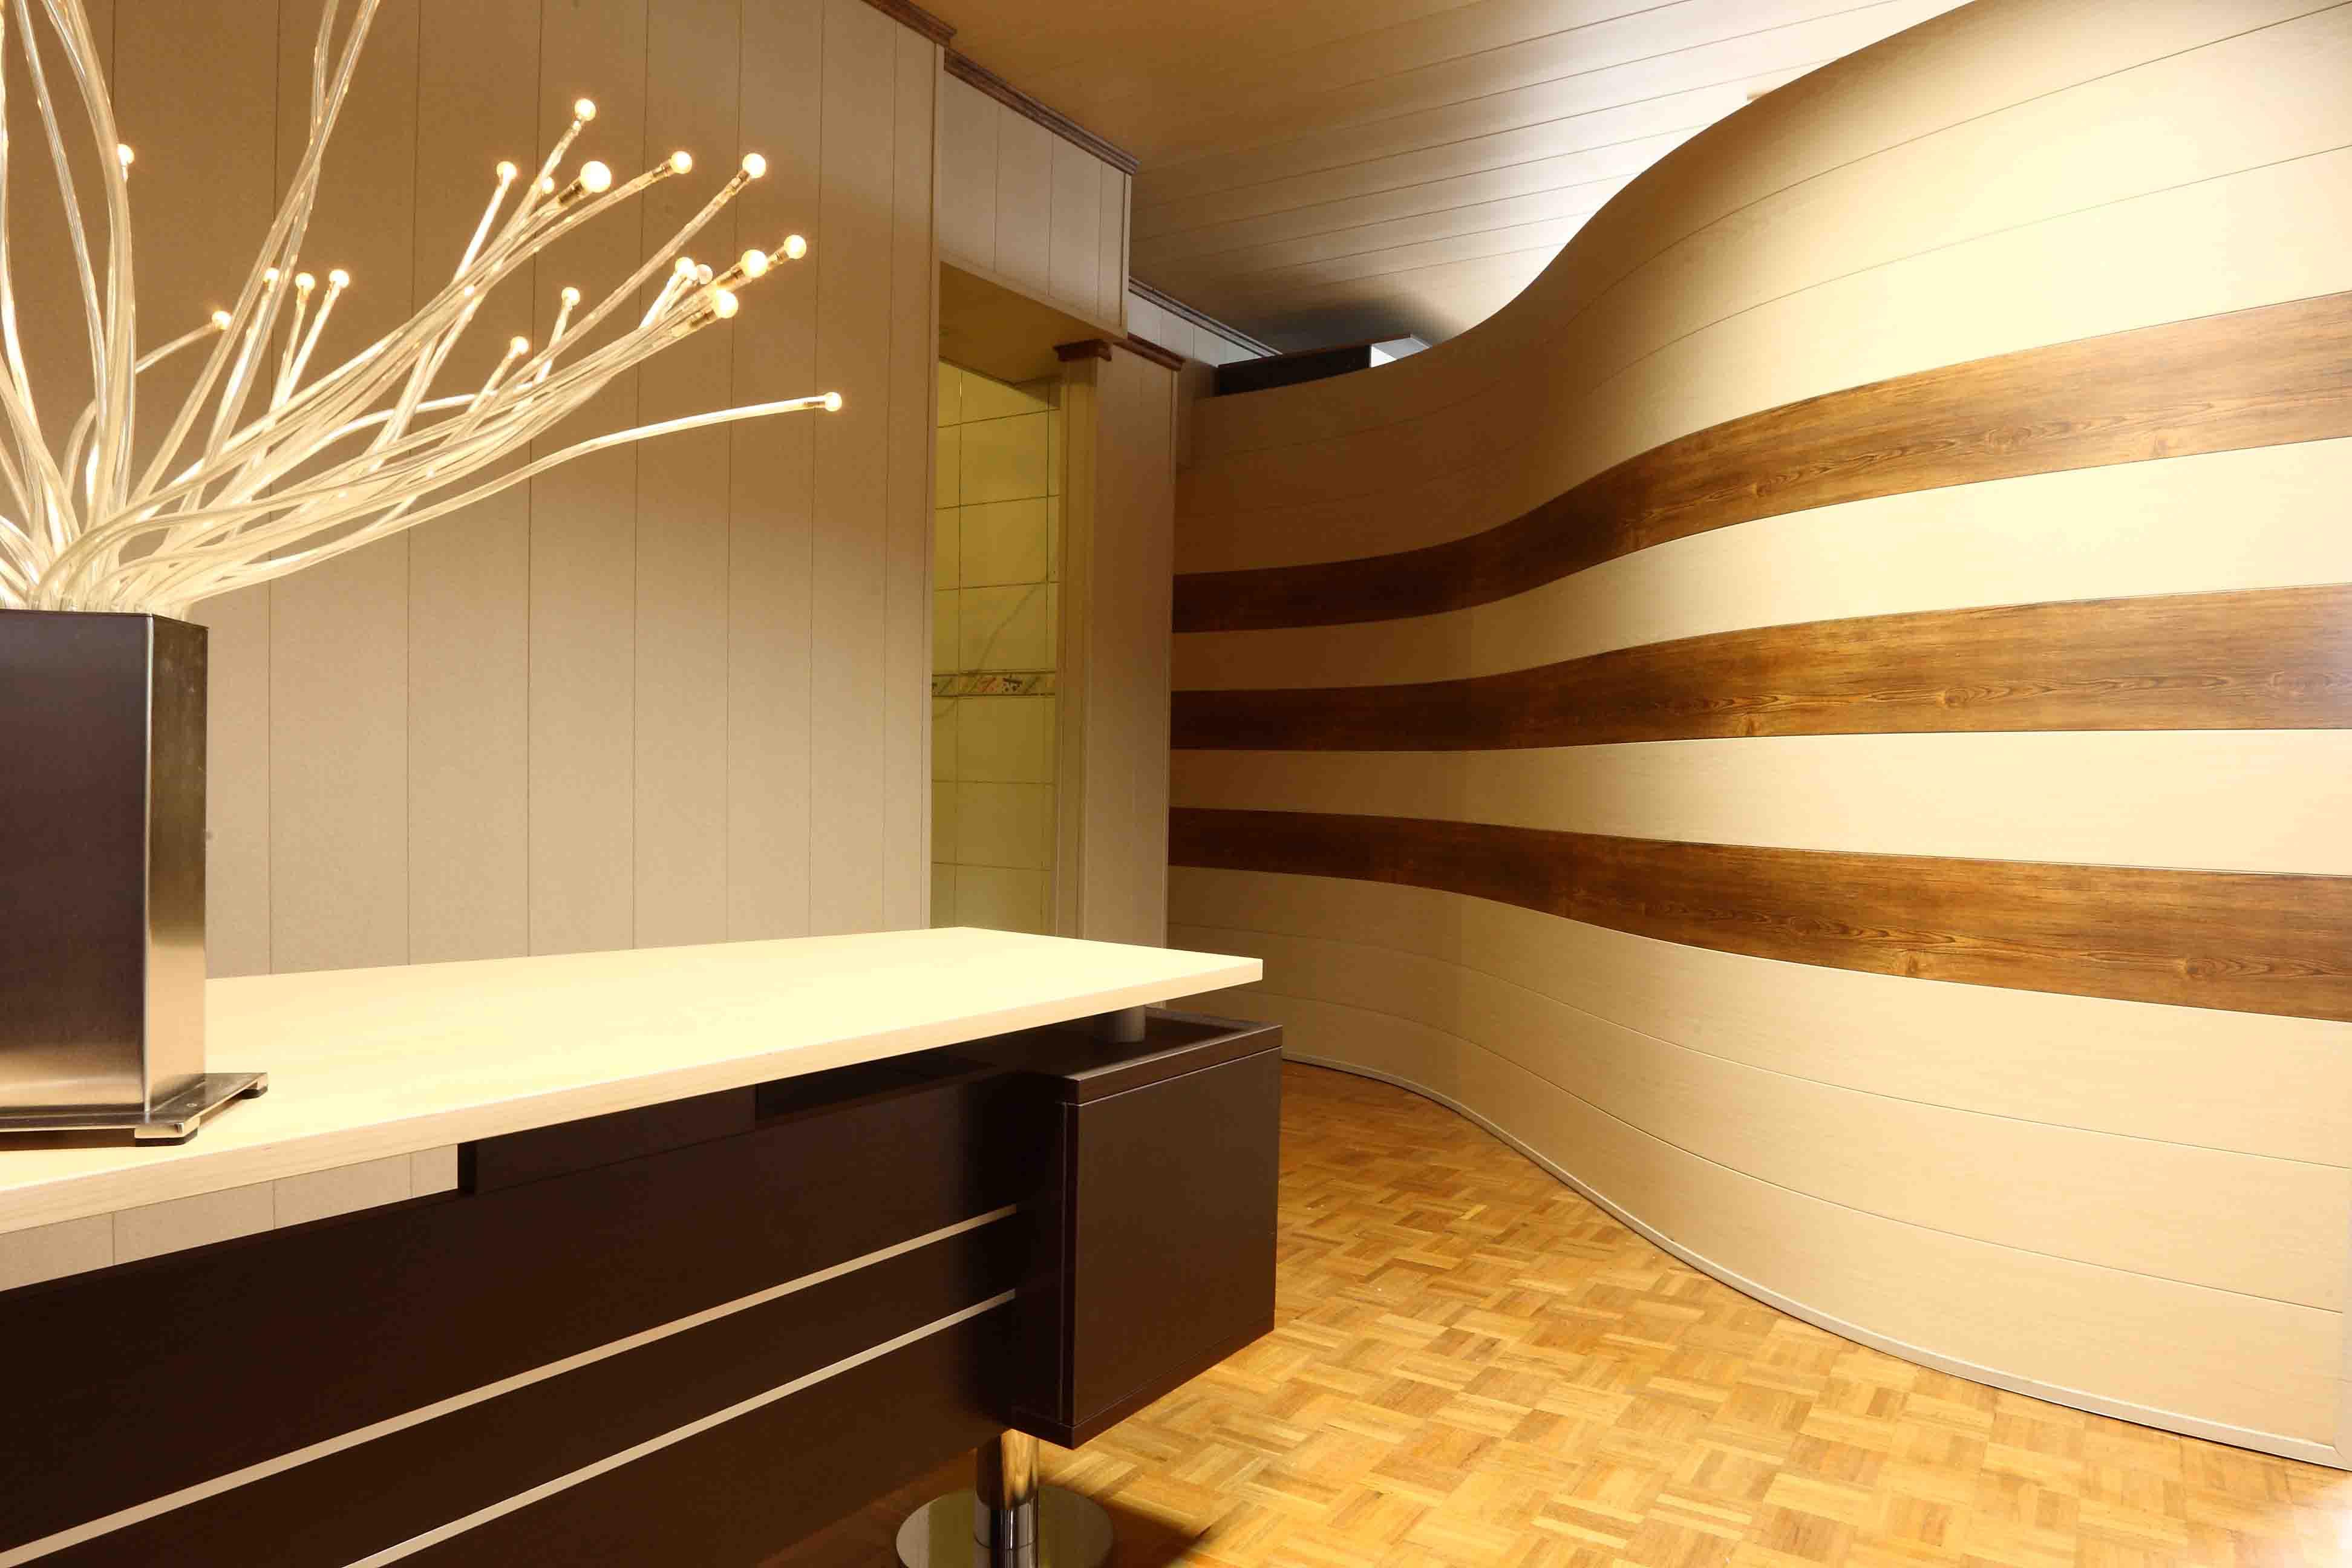 دیوارپوش | انواع سقف کاذب,دیوار پوش سه بعدی دکوراتیو,ديوار پوش پلاستيكي,شرکت دیوار پوش